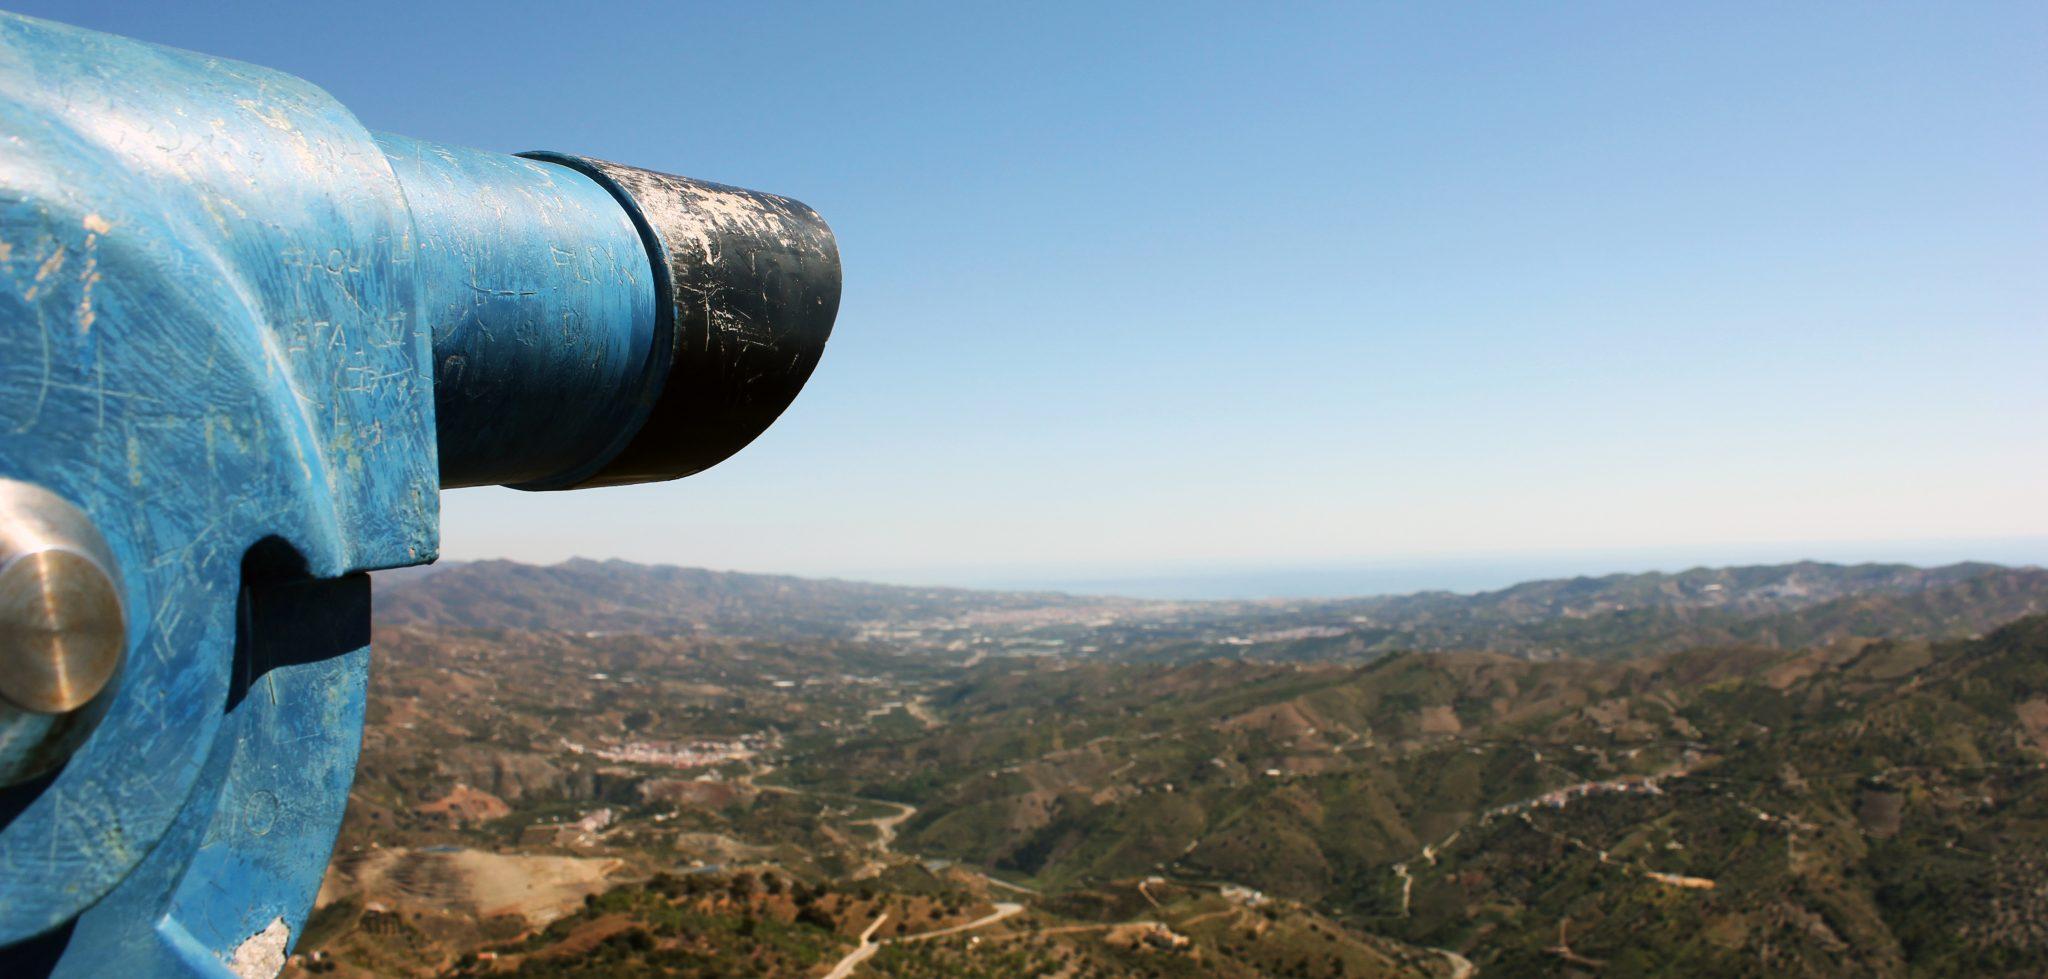 Comares, an incredible views over the mountains into La Axarquía, Málaga